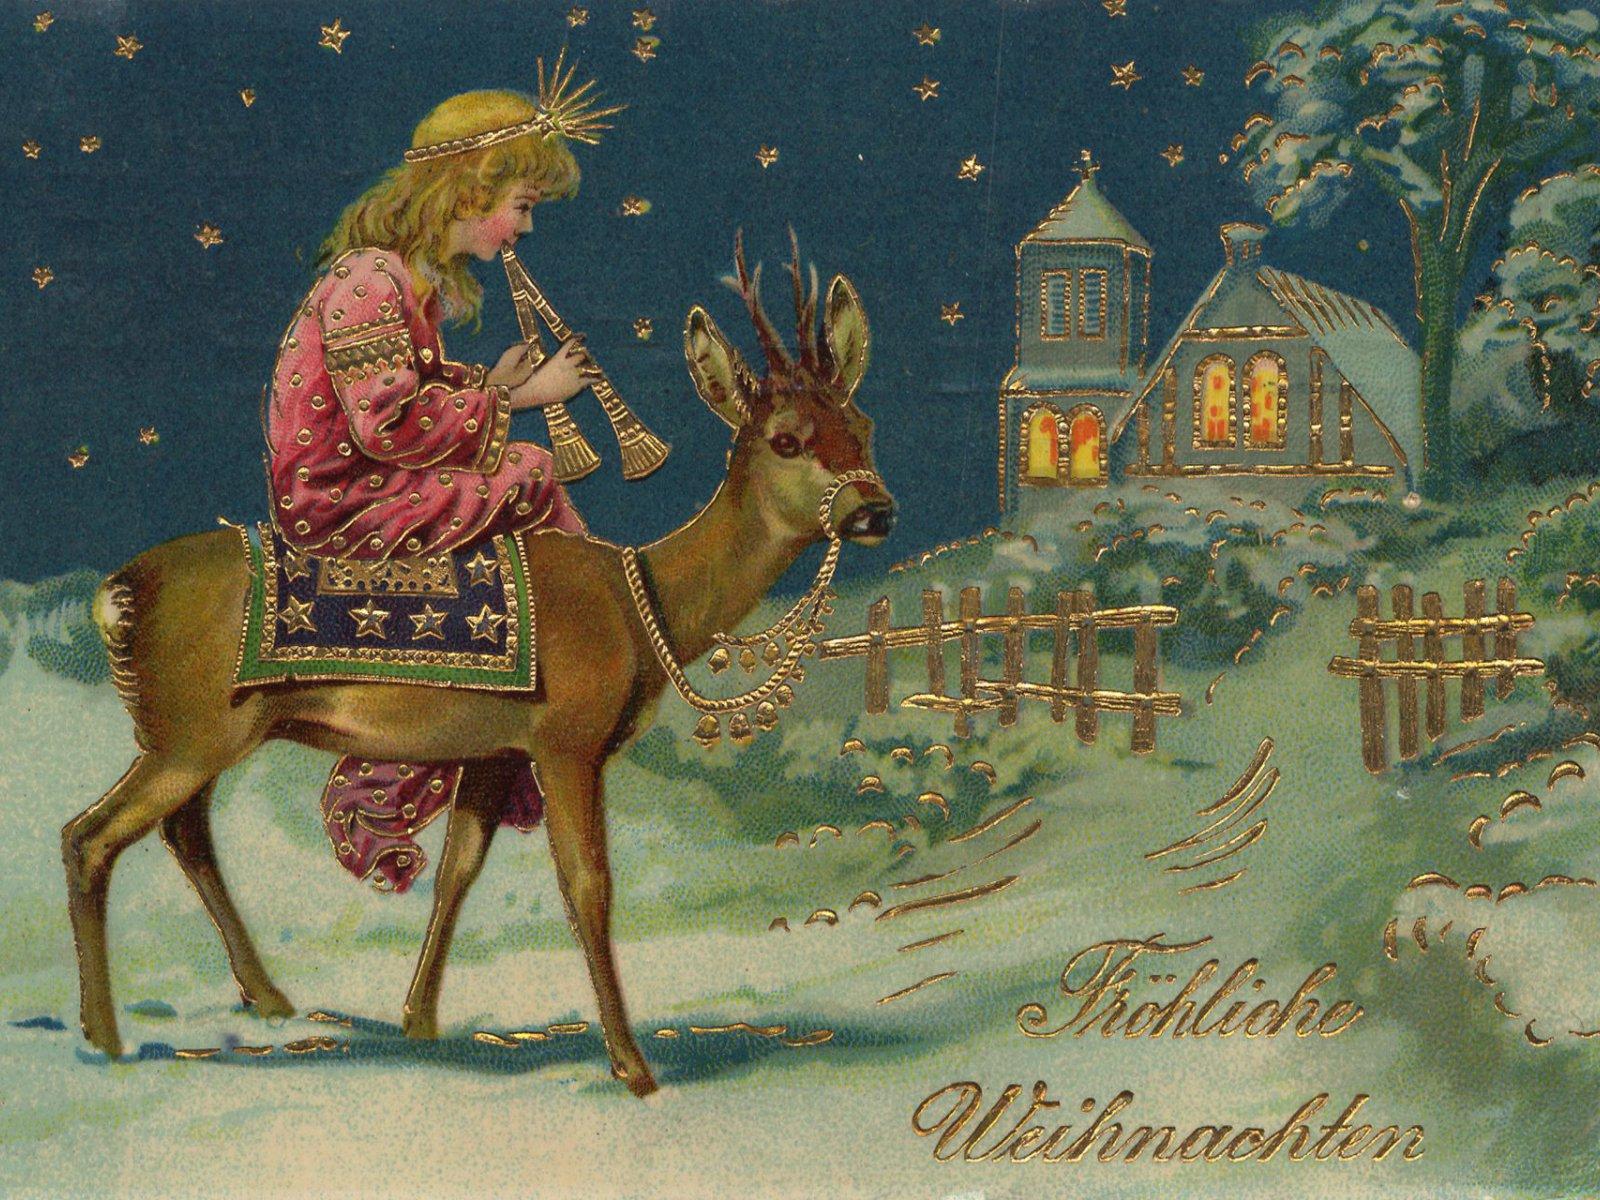 Вечерним приветом, картинки с рождеством немецкие